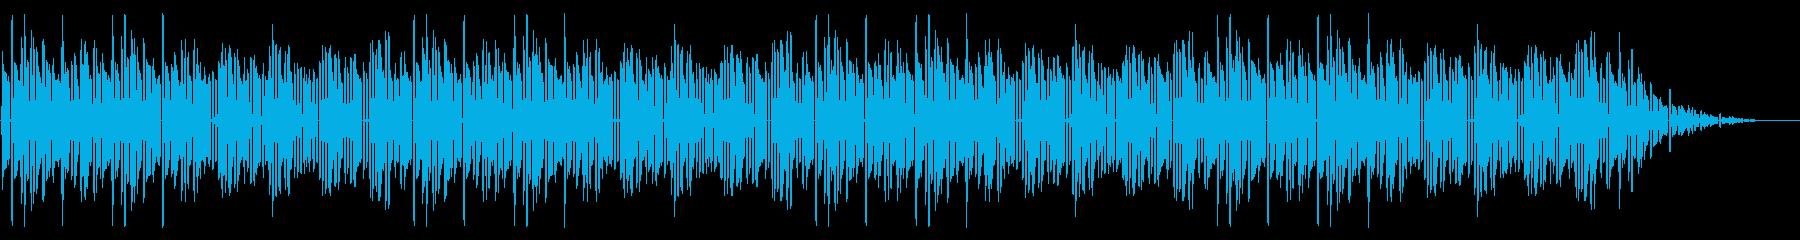 GB風レースゲームのタイトル曲の再生済みの波形